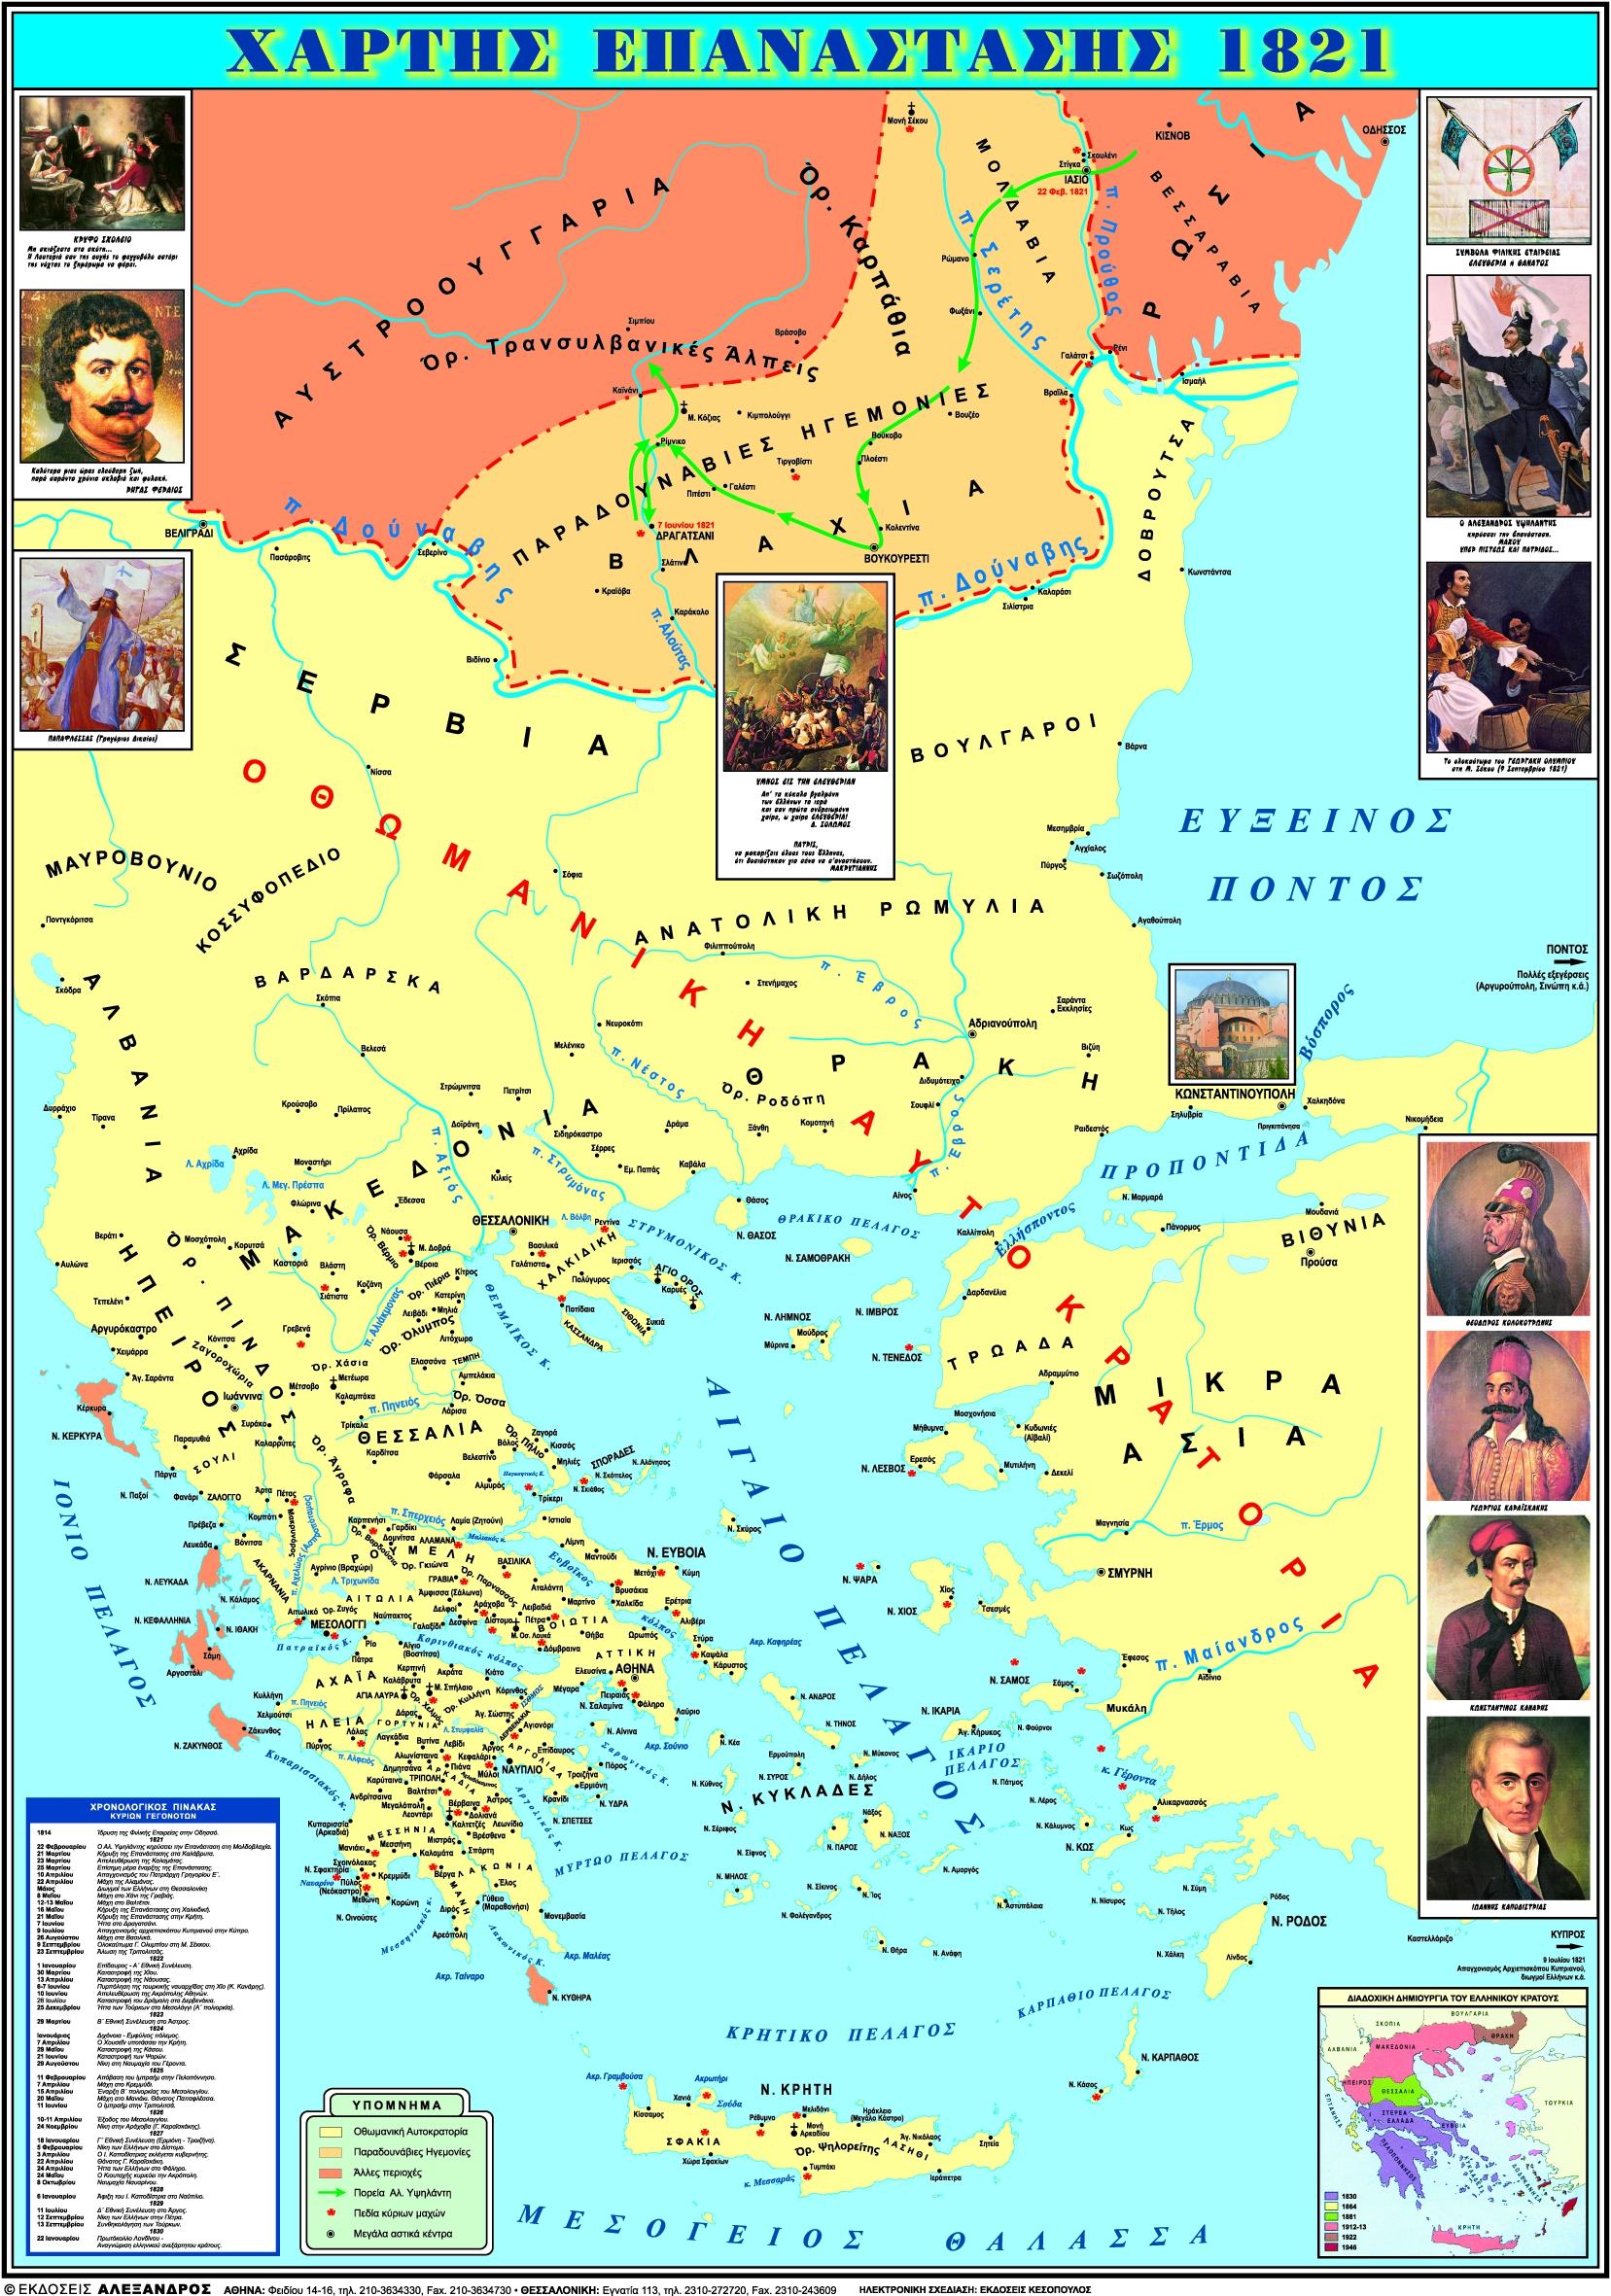 Xarths Epanastashs 1821 Ekdoseis Ale3andros Ekdotikes